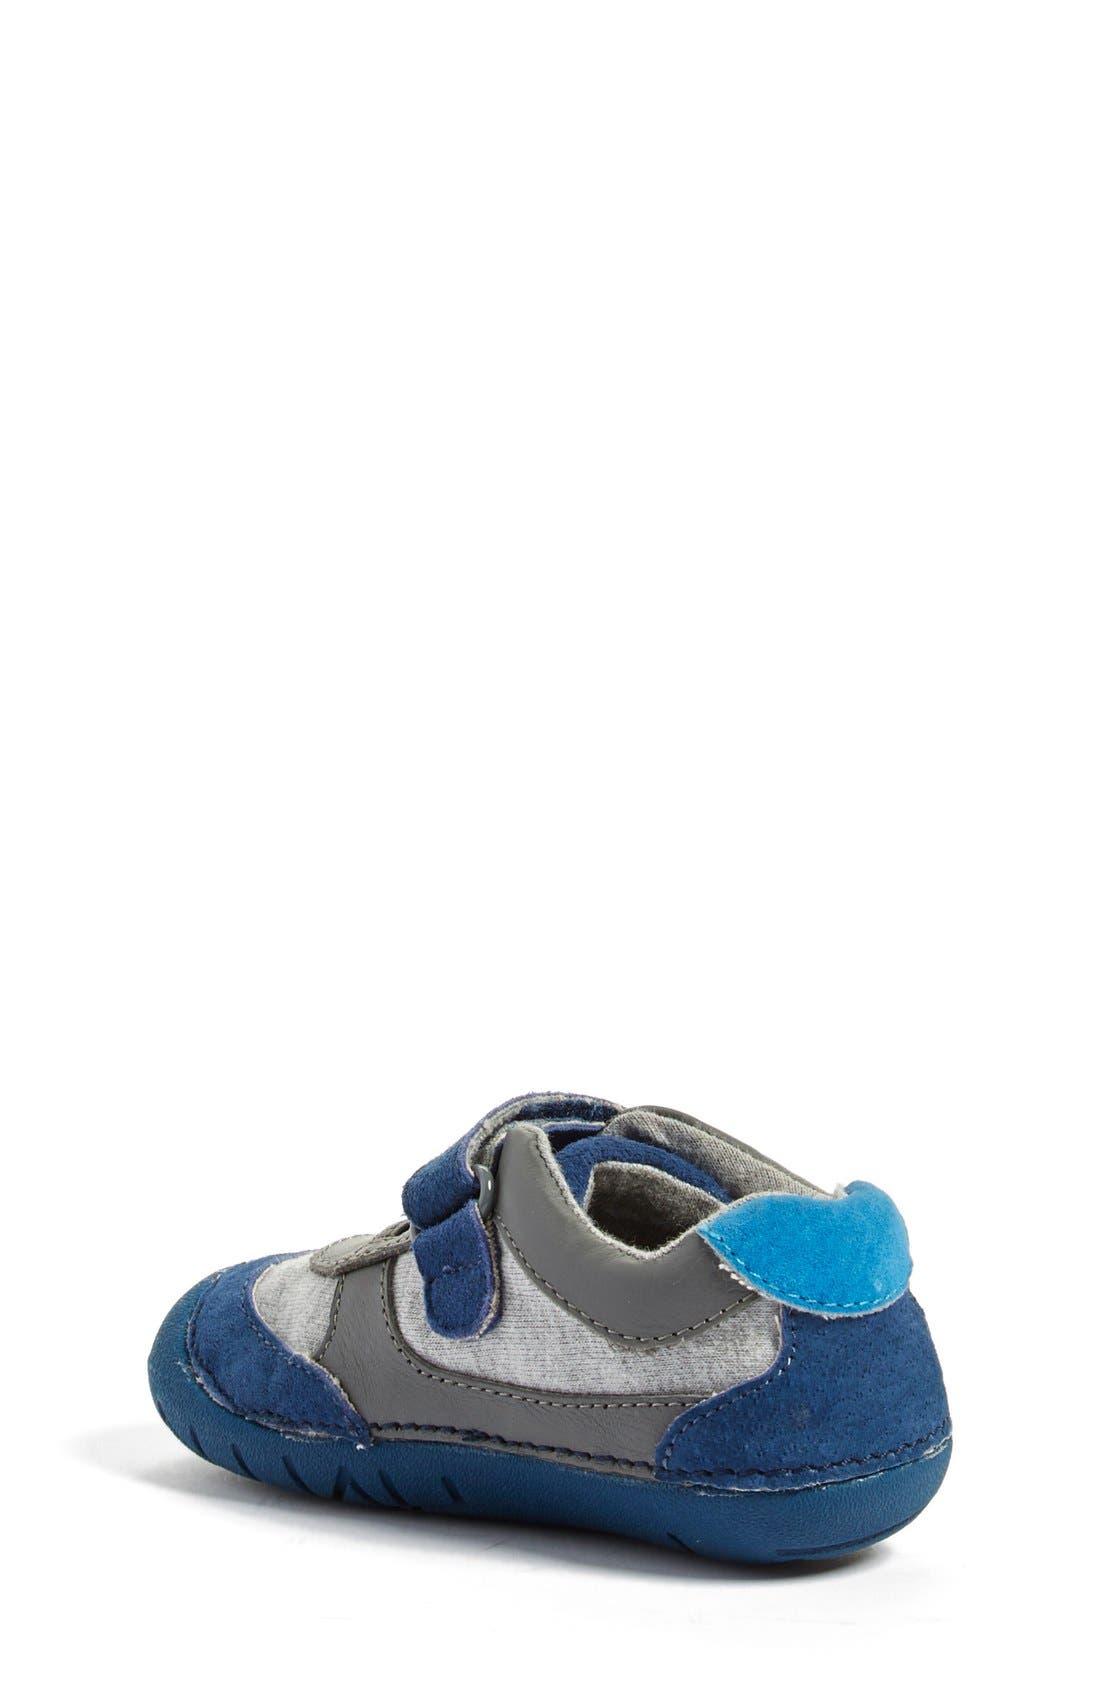 Alternate Image 2  - Tucker + Tate 'Quinn' Sneaker (Baby & Walker)